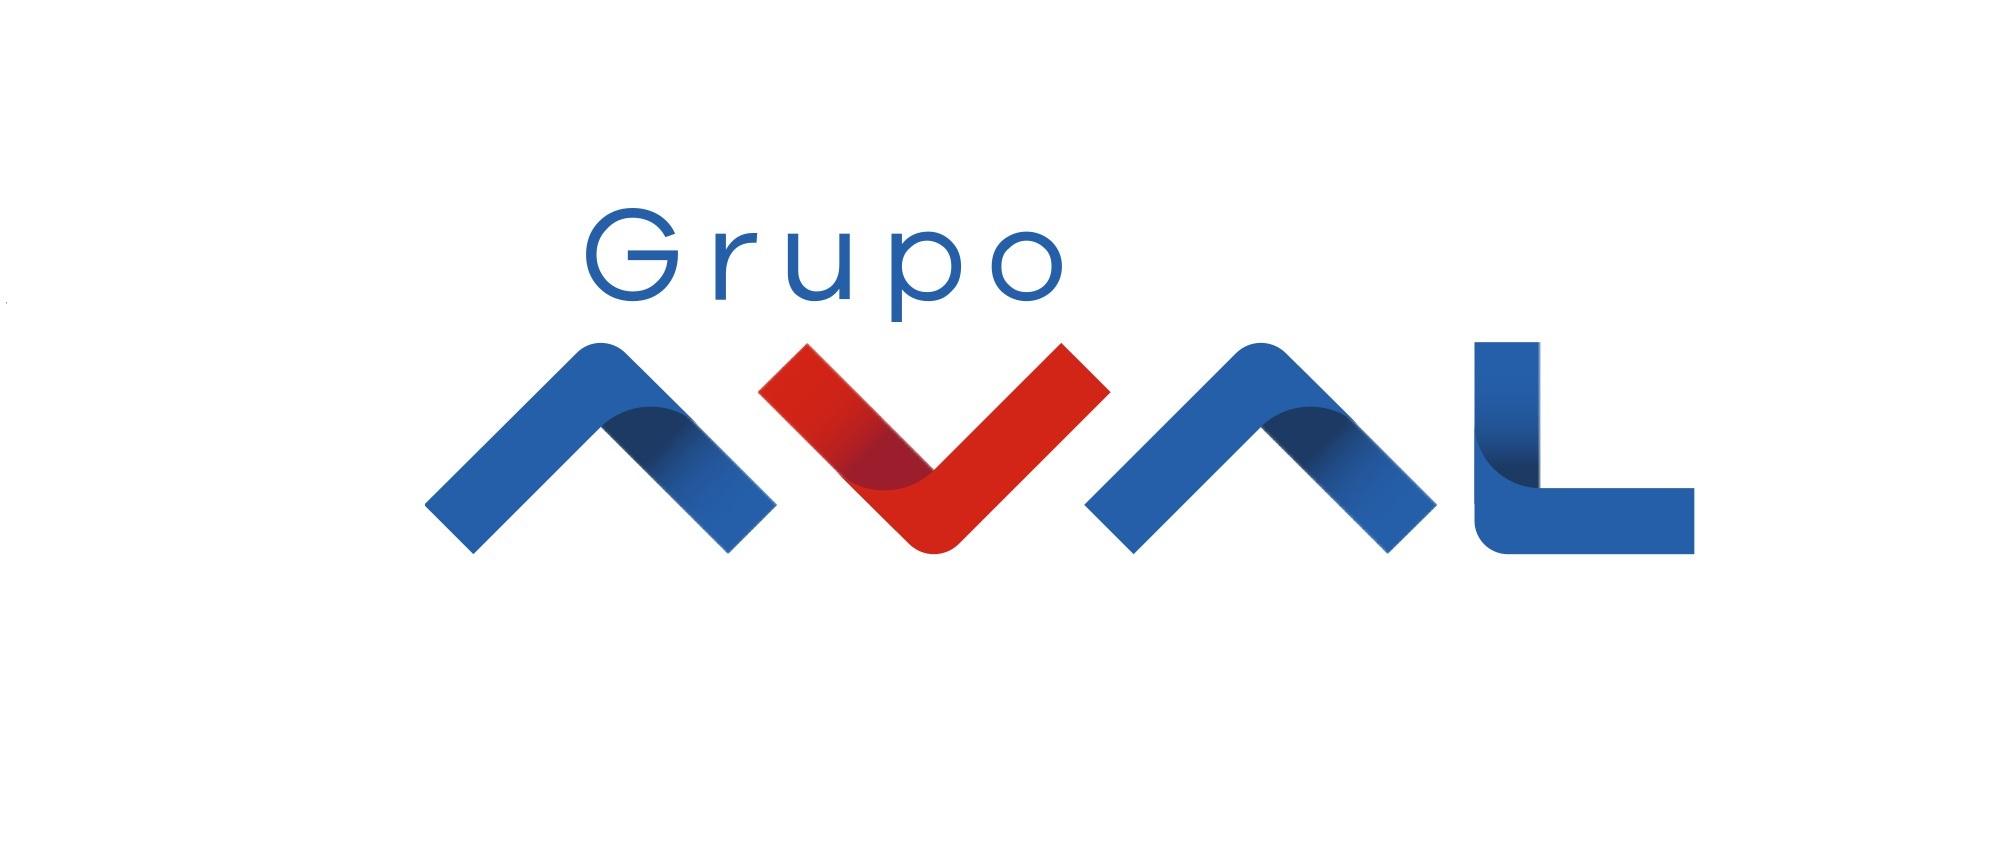 Colombia: Grupo Aval crea filial especializada en depósitos y pagos electrónicos